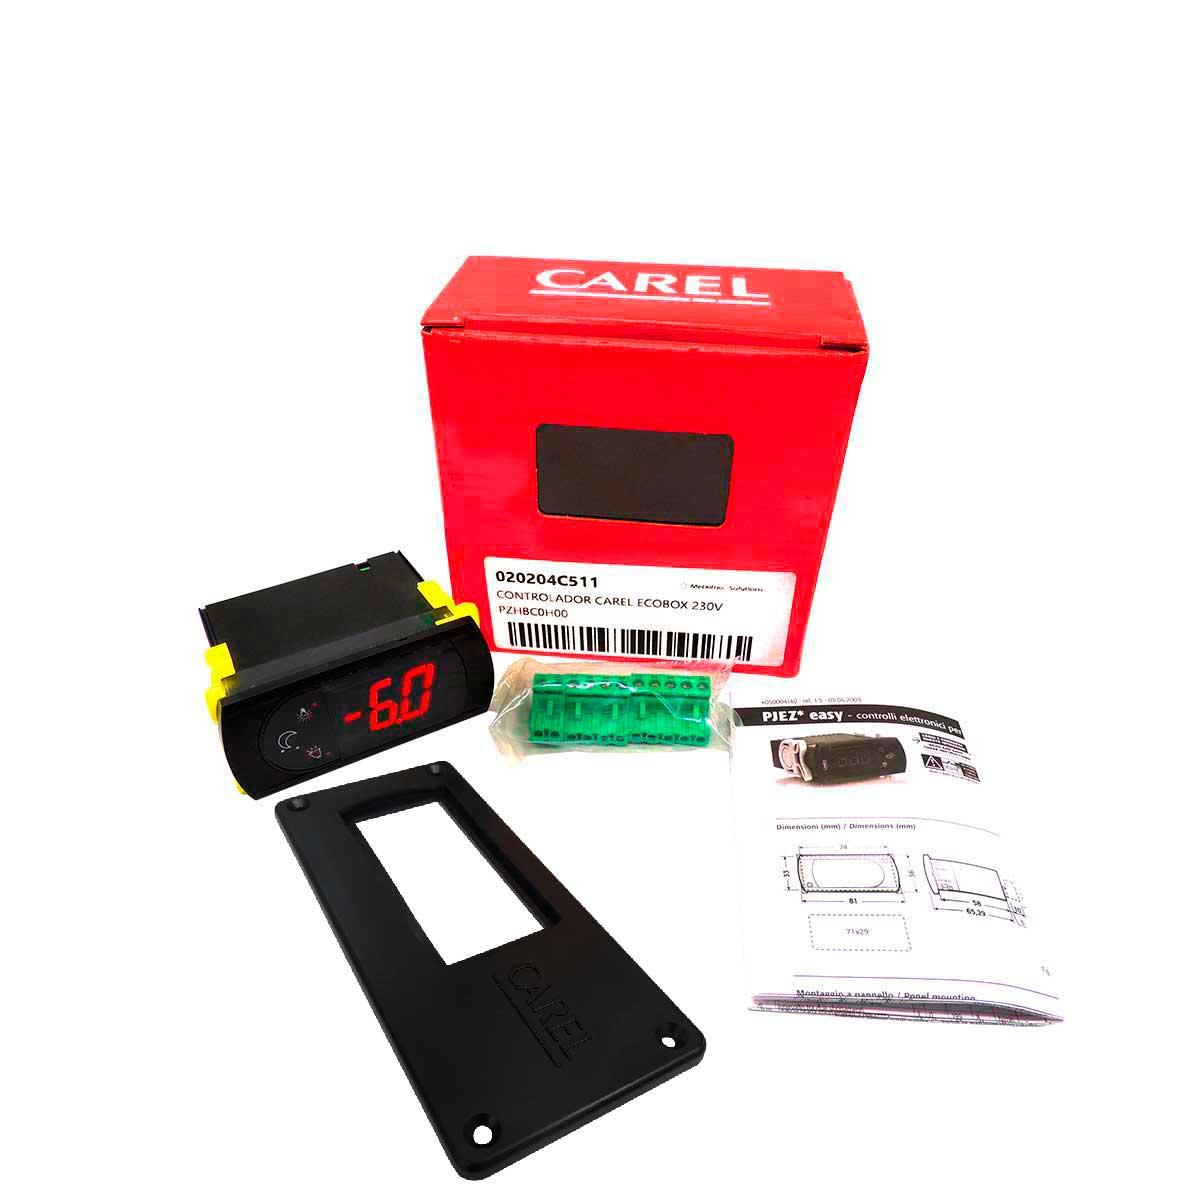 Display Controlador ECOBOX Carel para Equipamento Metalfrio VB43R VB52 e CocaCola EMS55